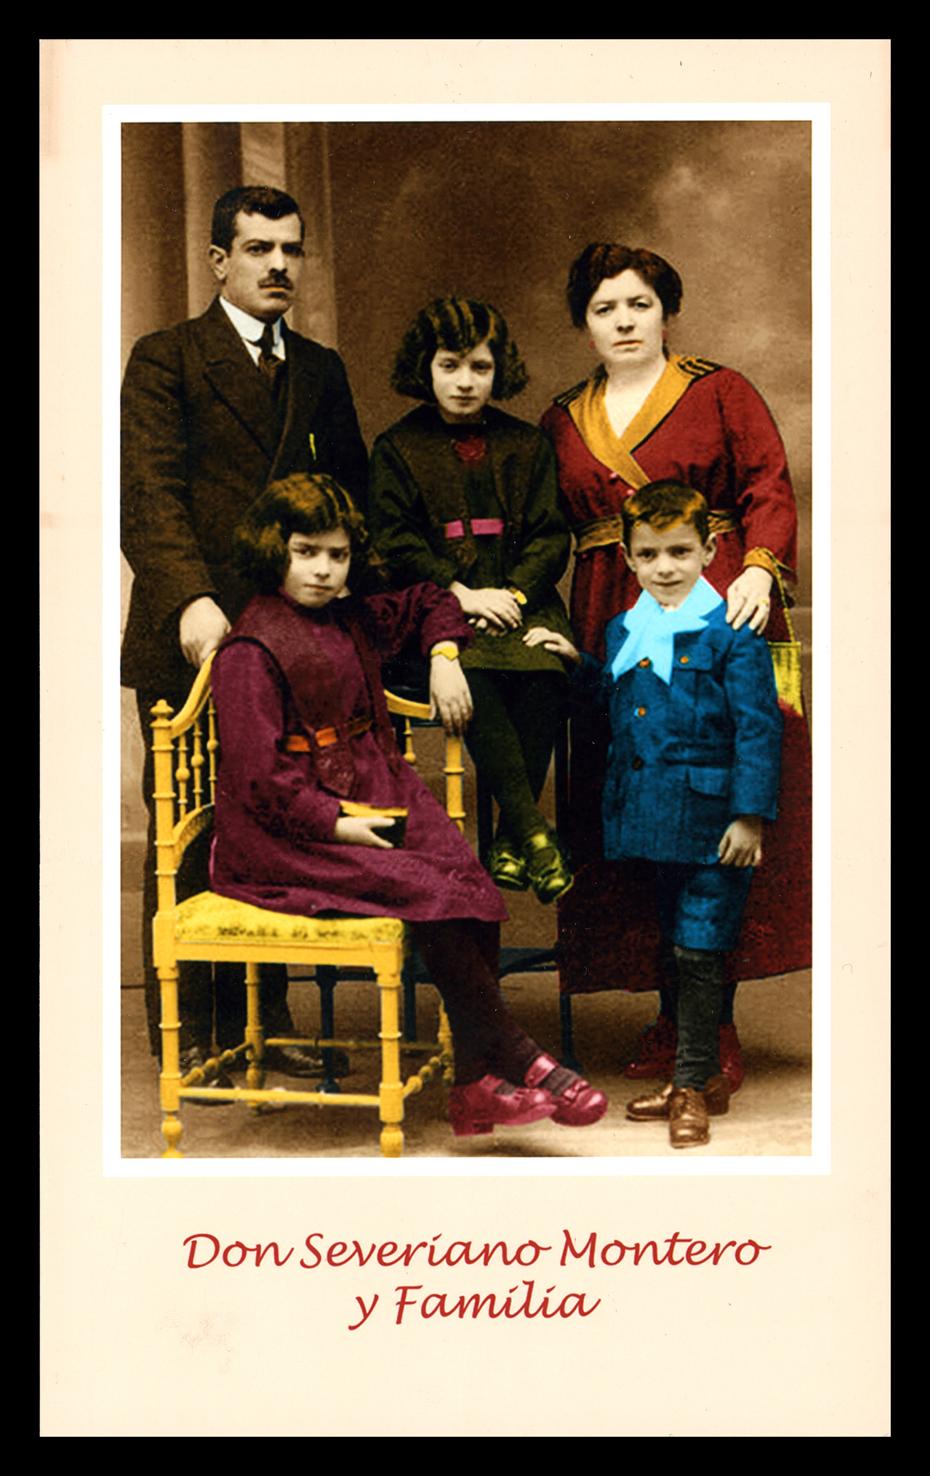 Don Severiano Montero y su familia